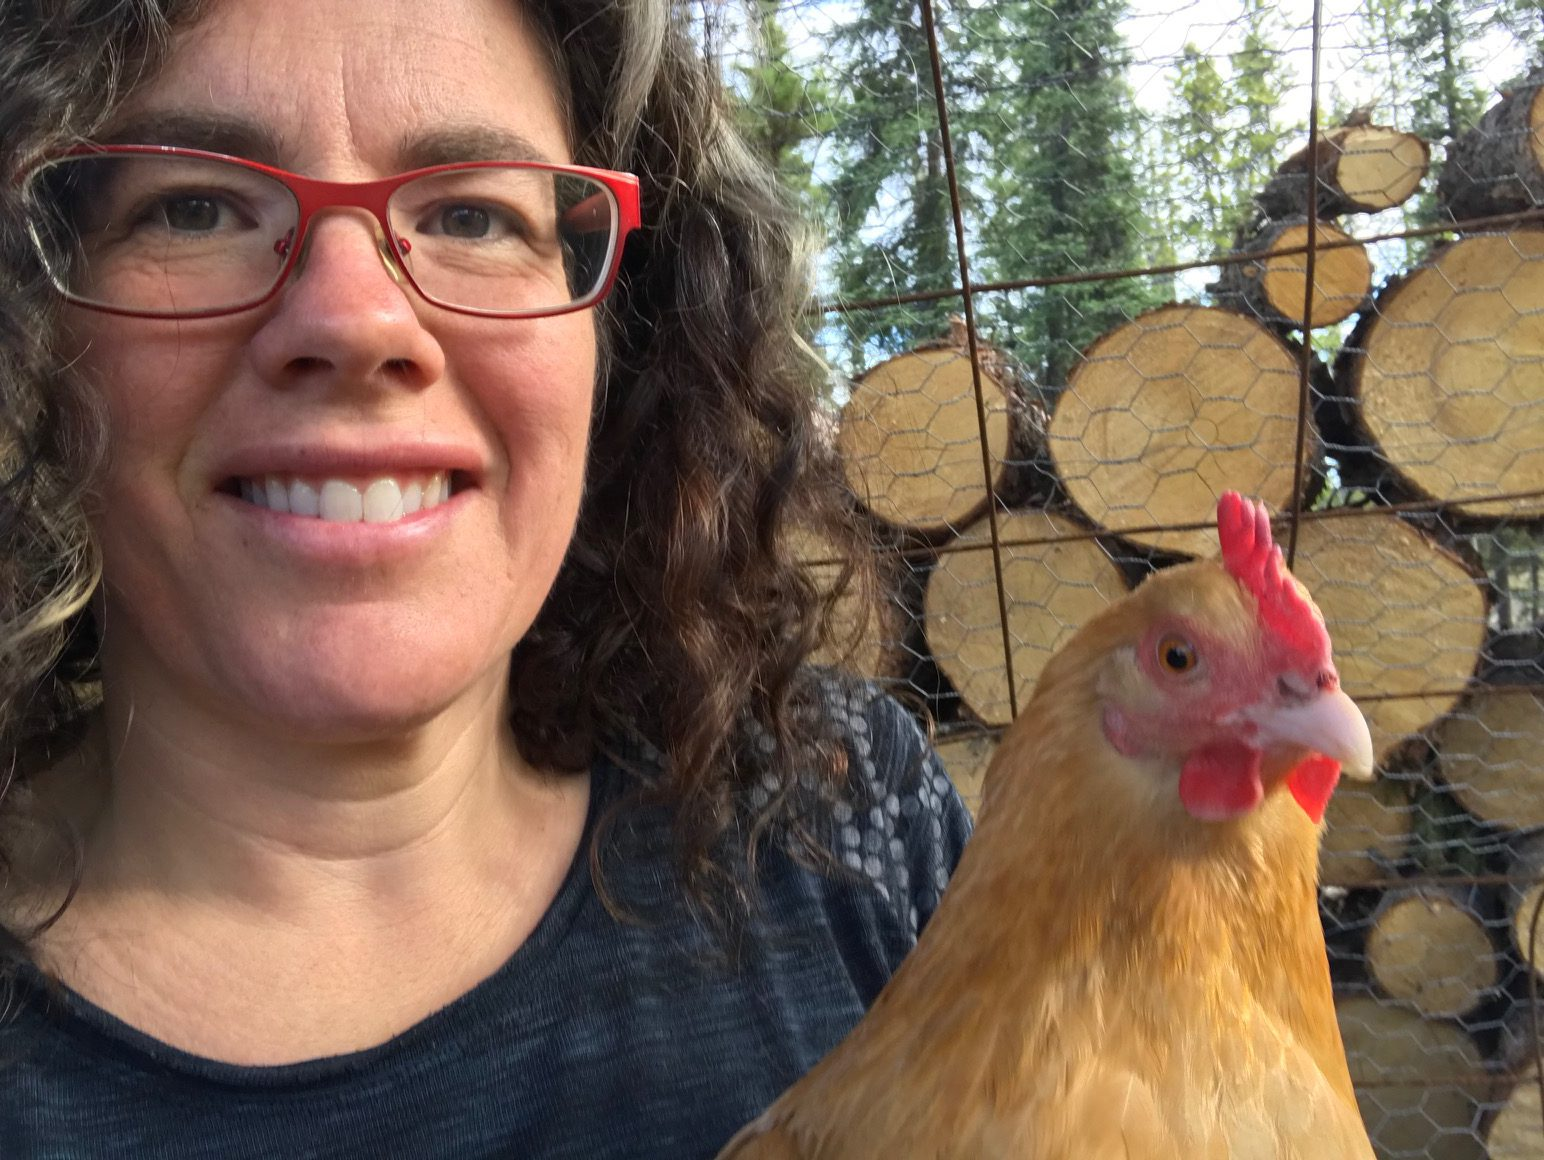 Heidi + chicken